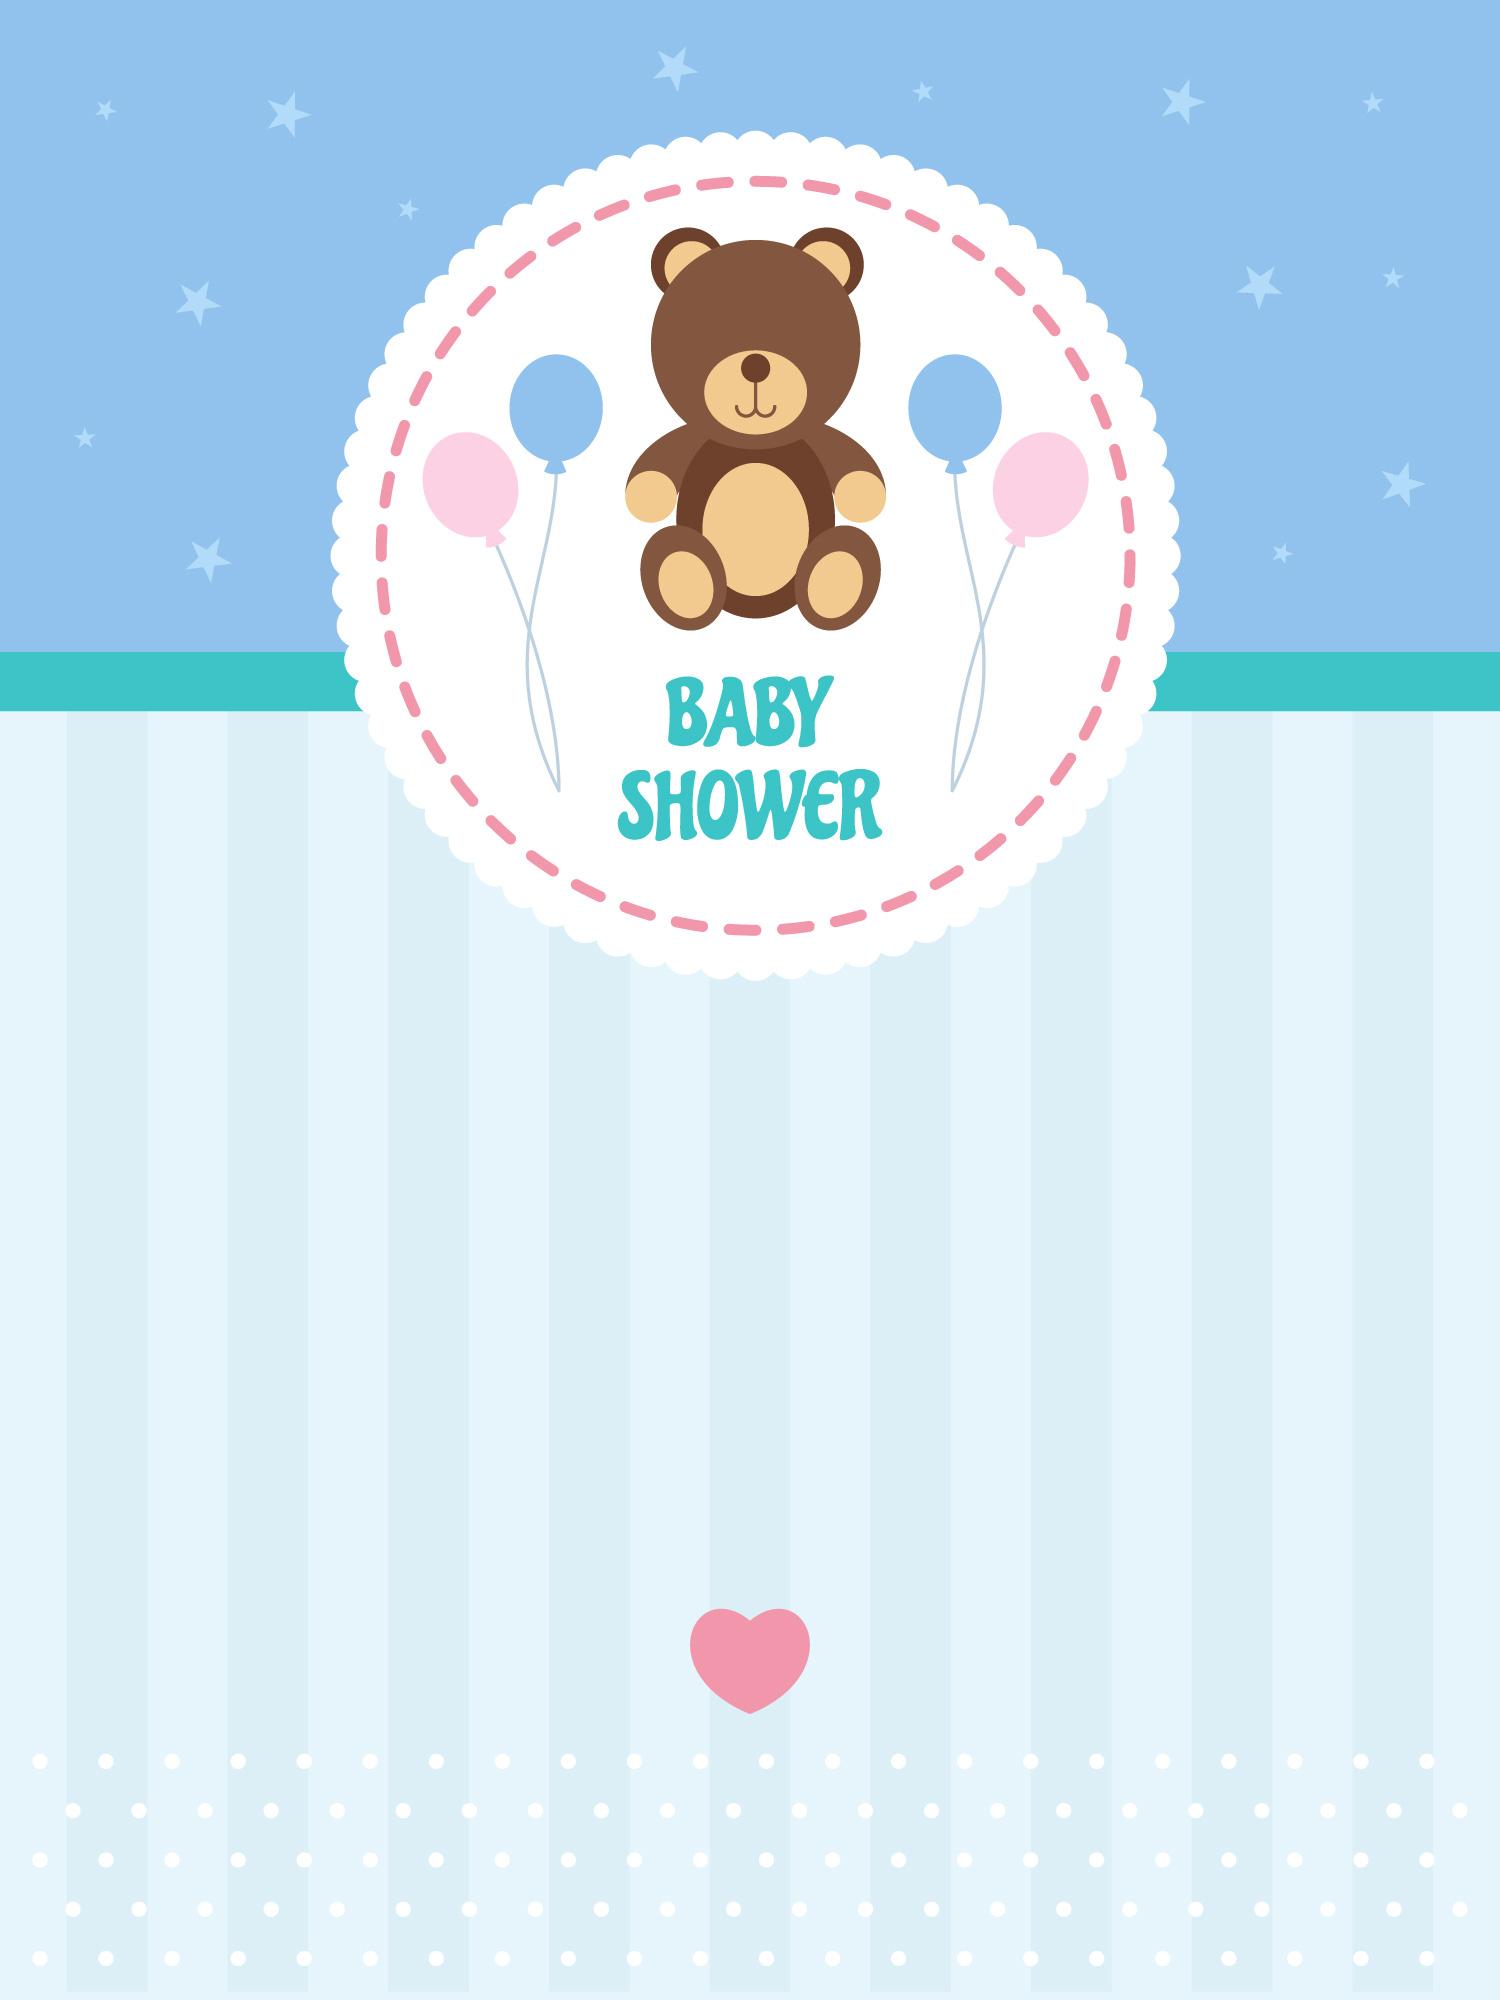 Baby Shower Background Vectors - Download Free Vector Art ... Newborn Baby Boy Images